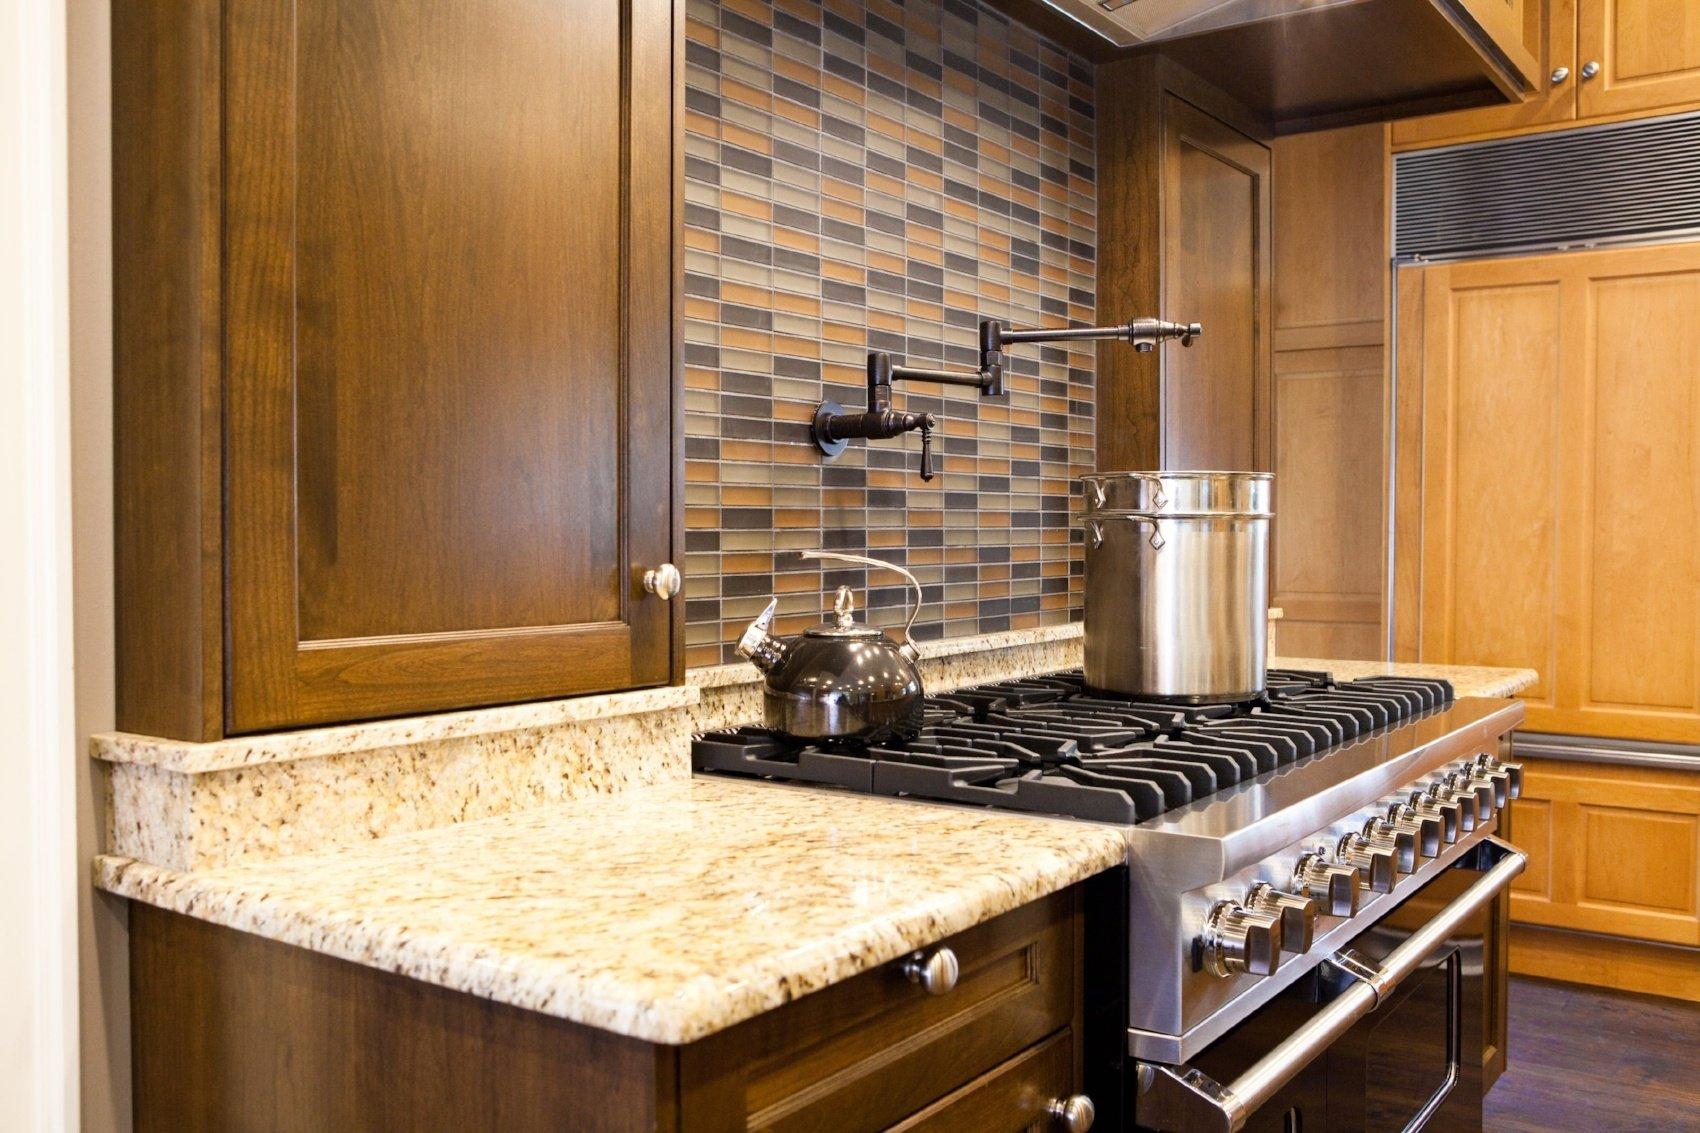 kitchen remodeling in chicago s north shore bds design build remodel rh bdsdesignbuildremodel com